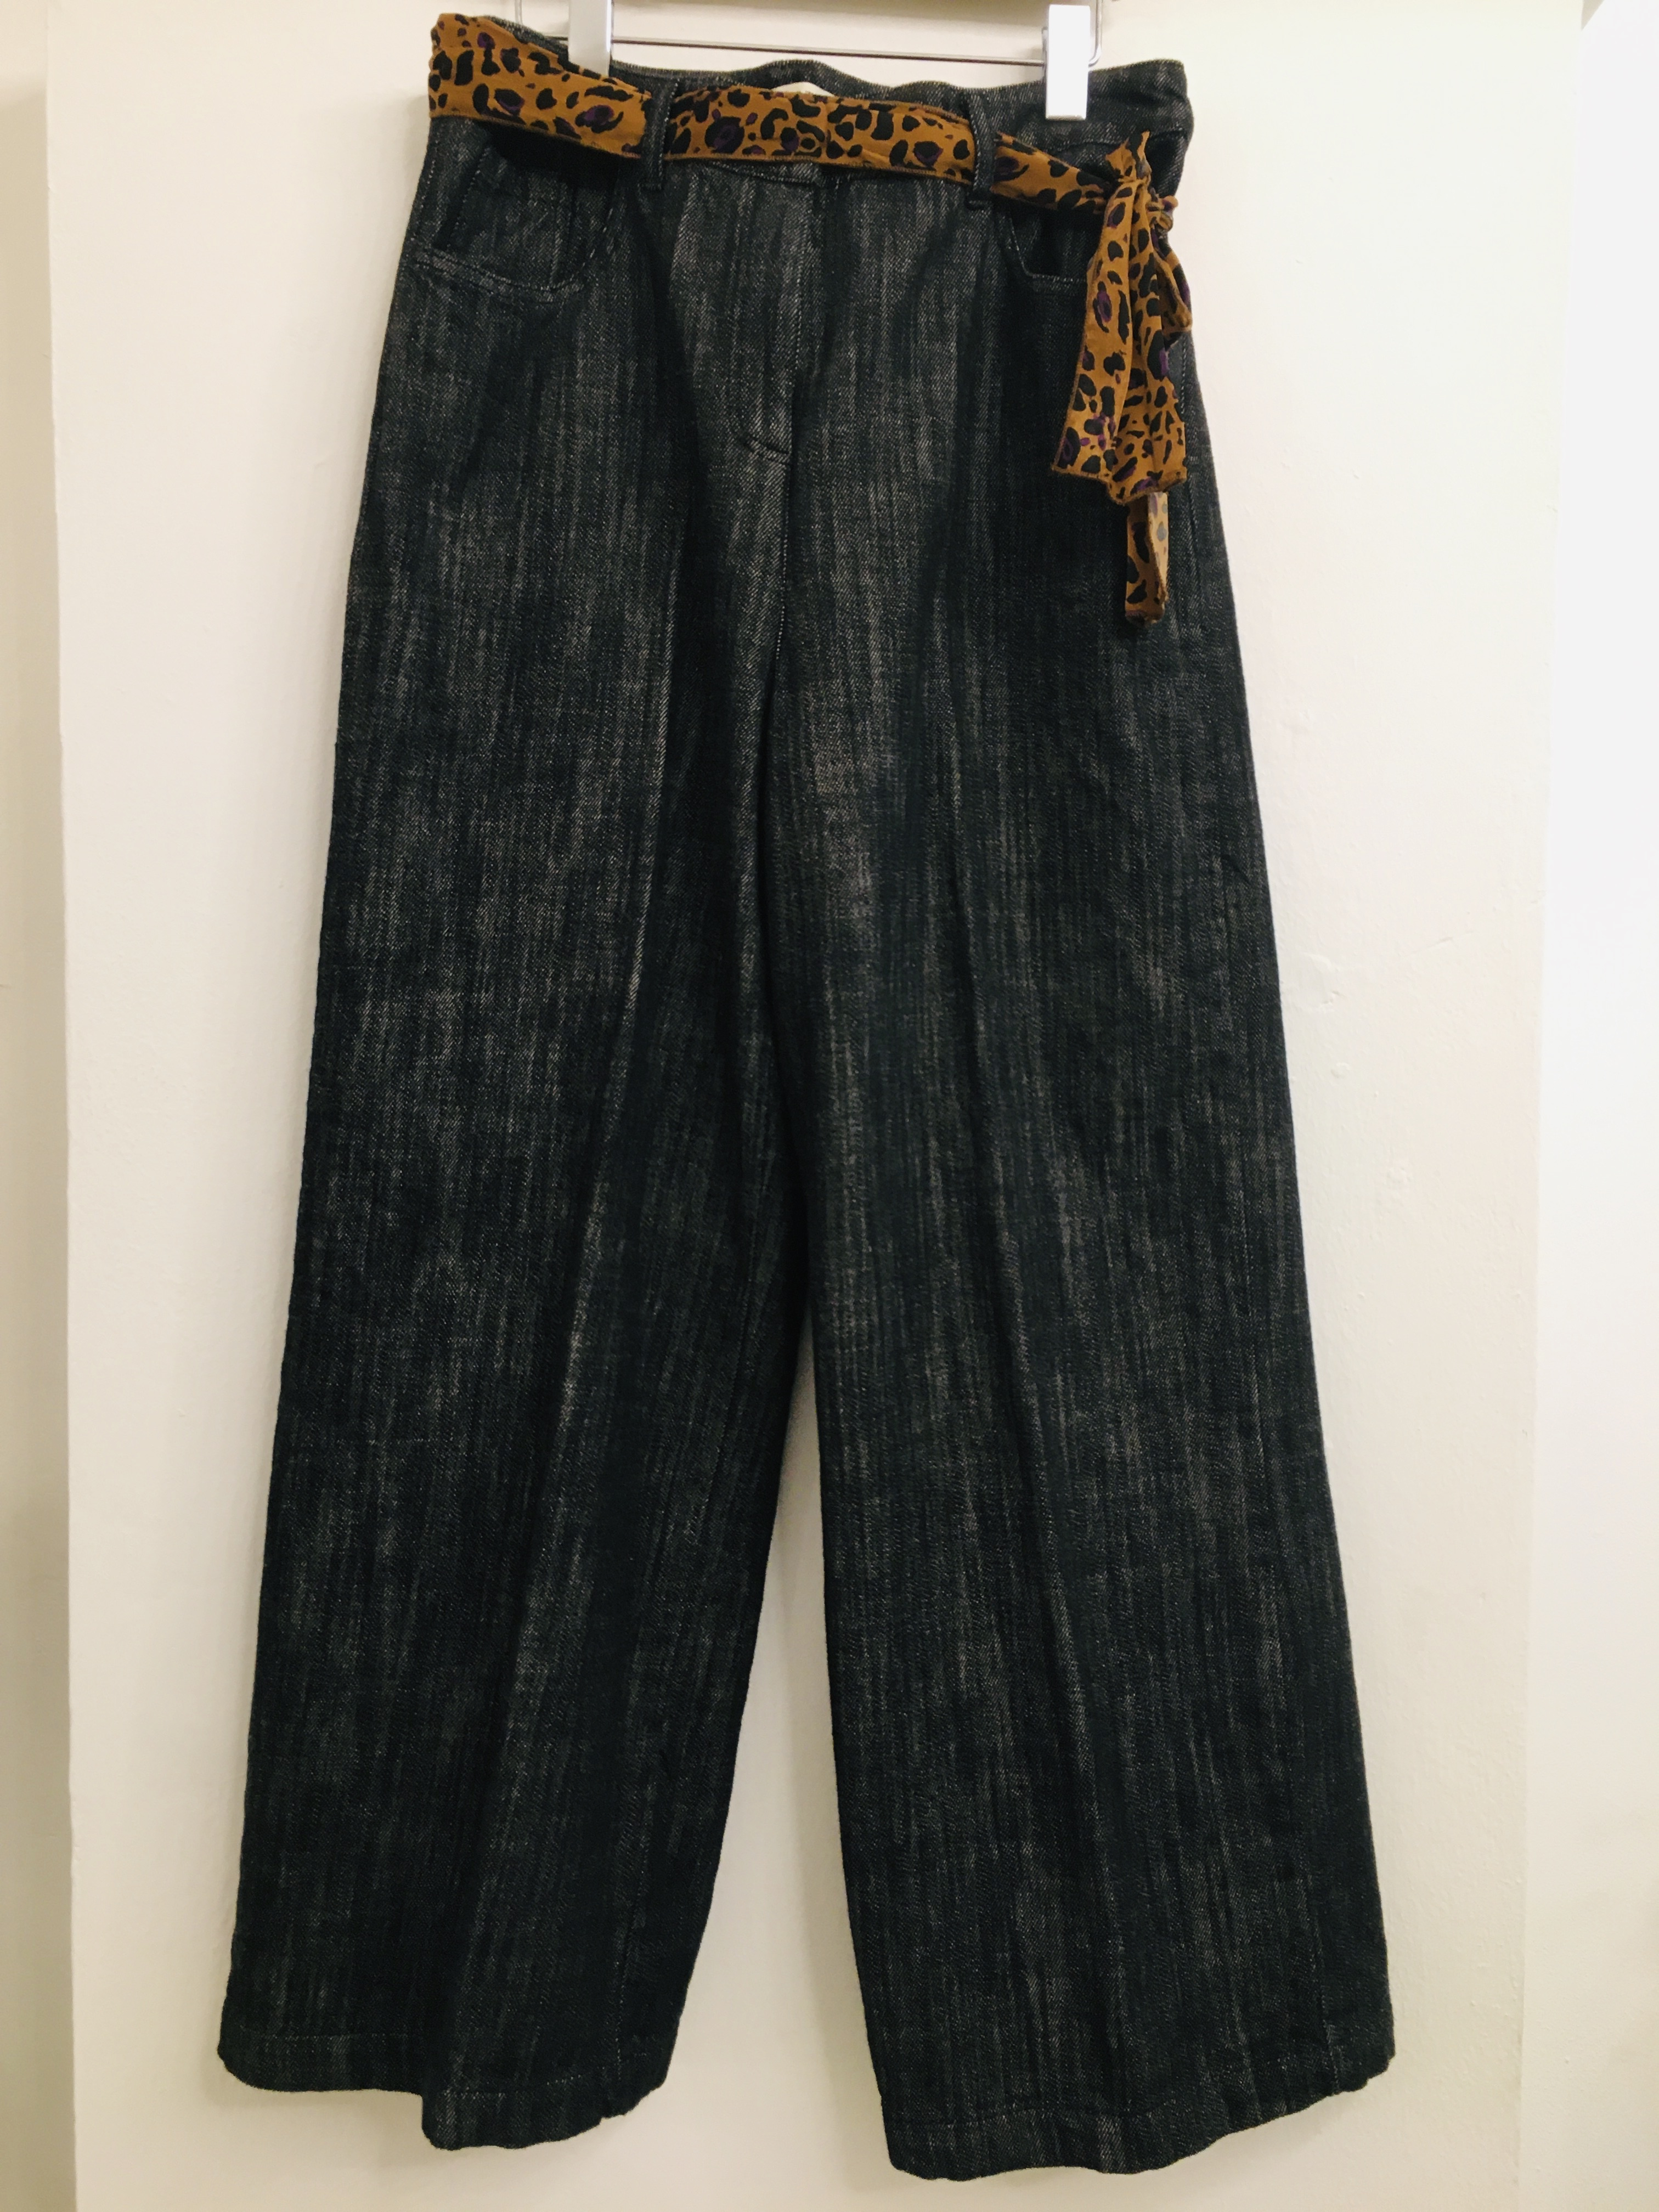 Pantalone donna  grigio antracite  modello cropped  con foulard in vita  made in Italy